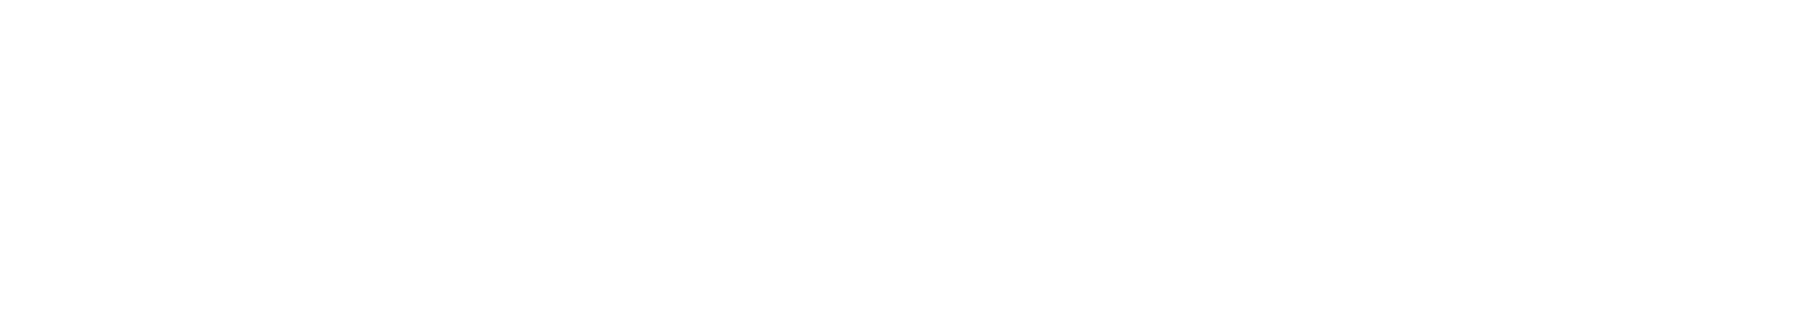 Grajmerki